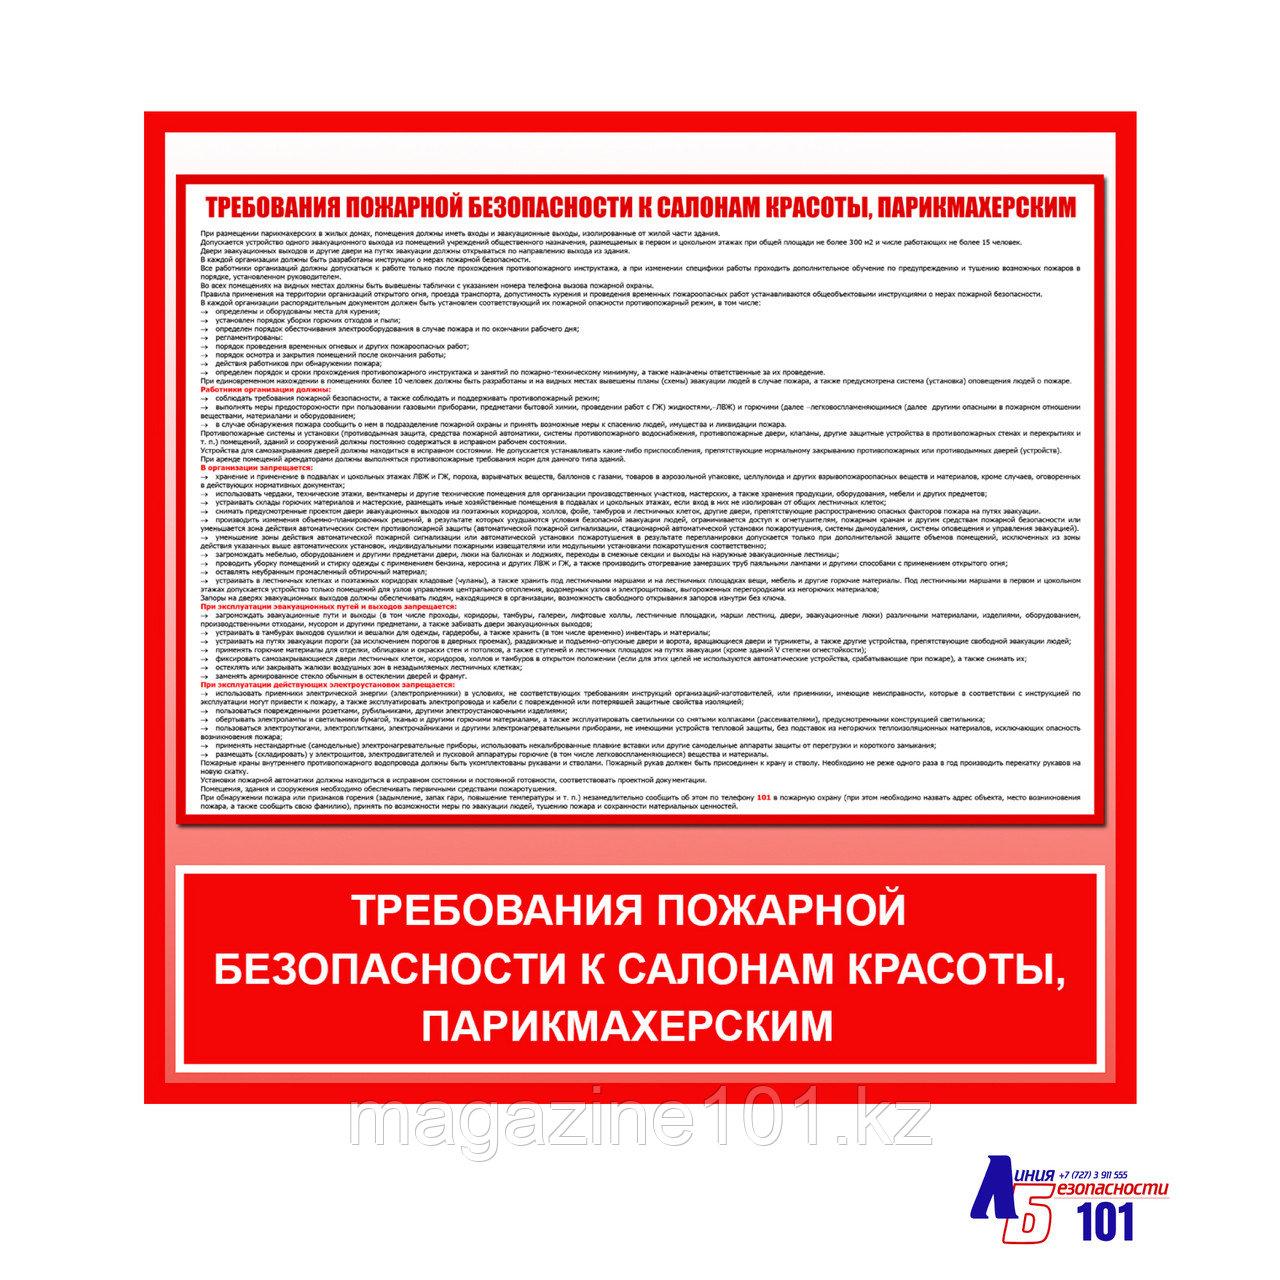 """Плакат """"ТРЕБОВАНИЯ ПОЖАРНОЙ БЕЗОПАСНОСТИ К САЛОНАМ КРАСОТЫ, ПАРИКМАХЕРСКИМ"""""""